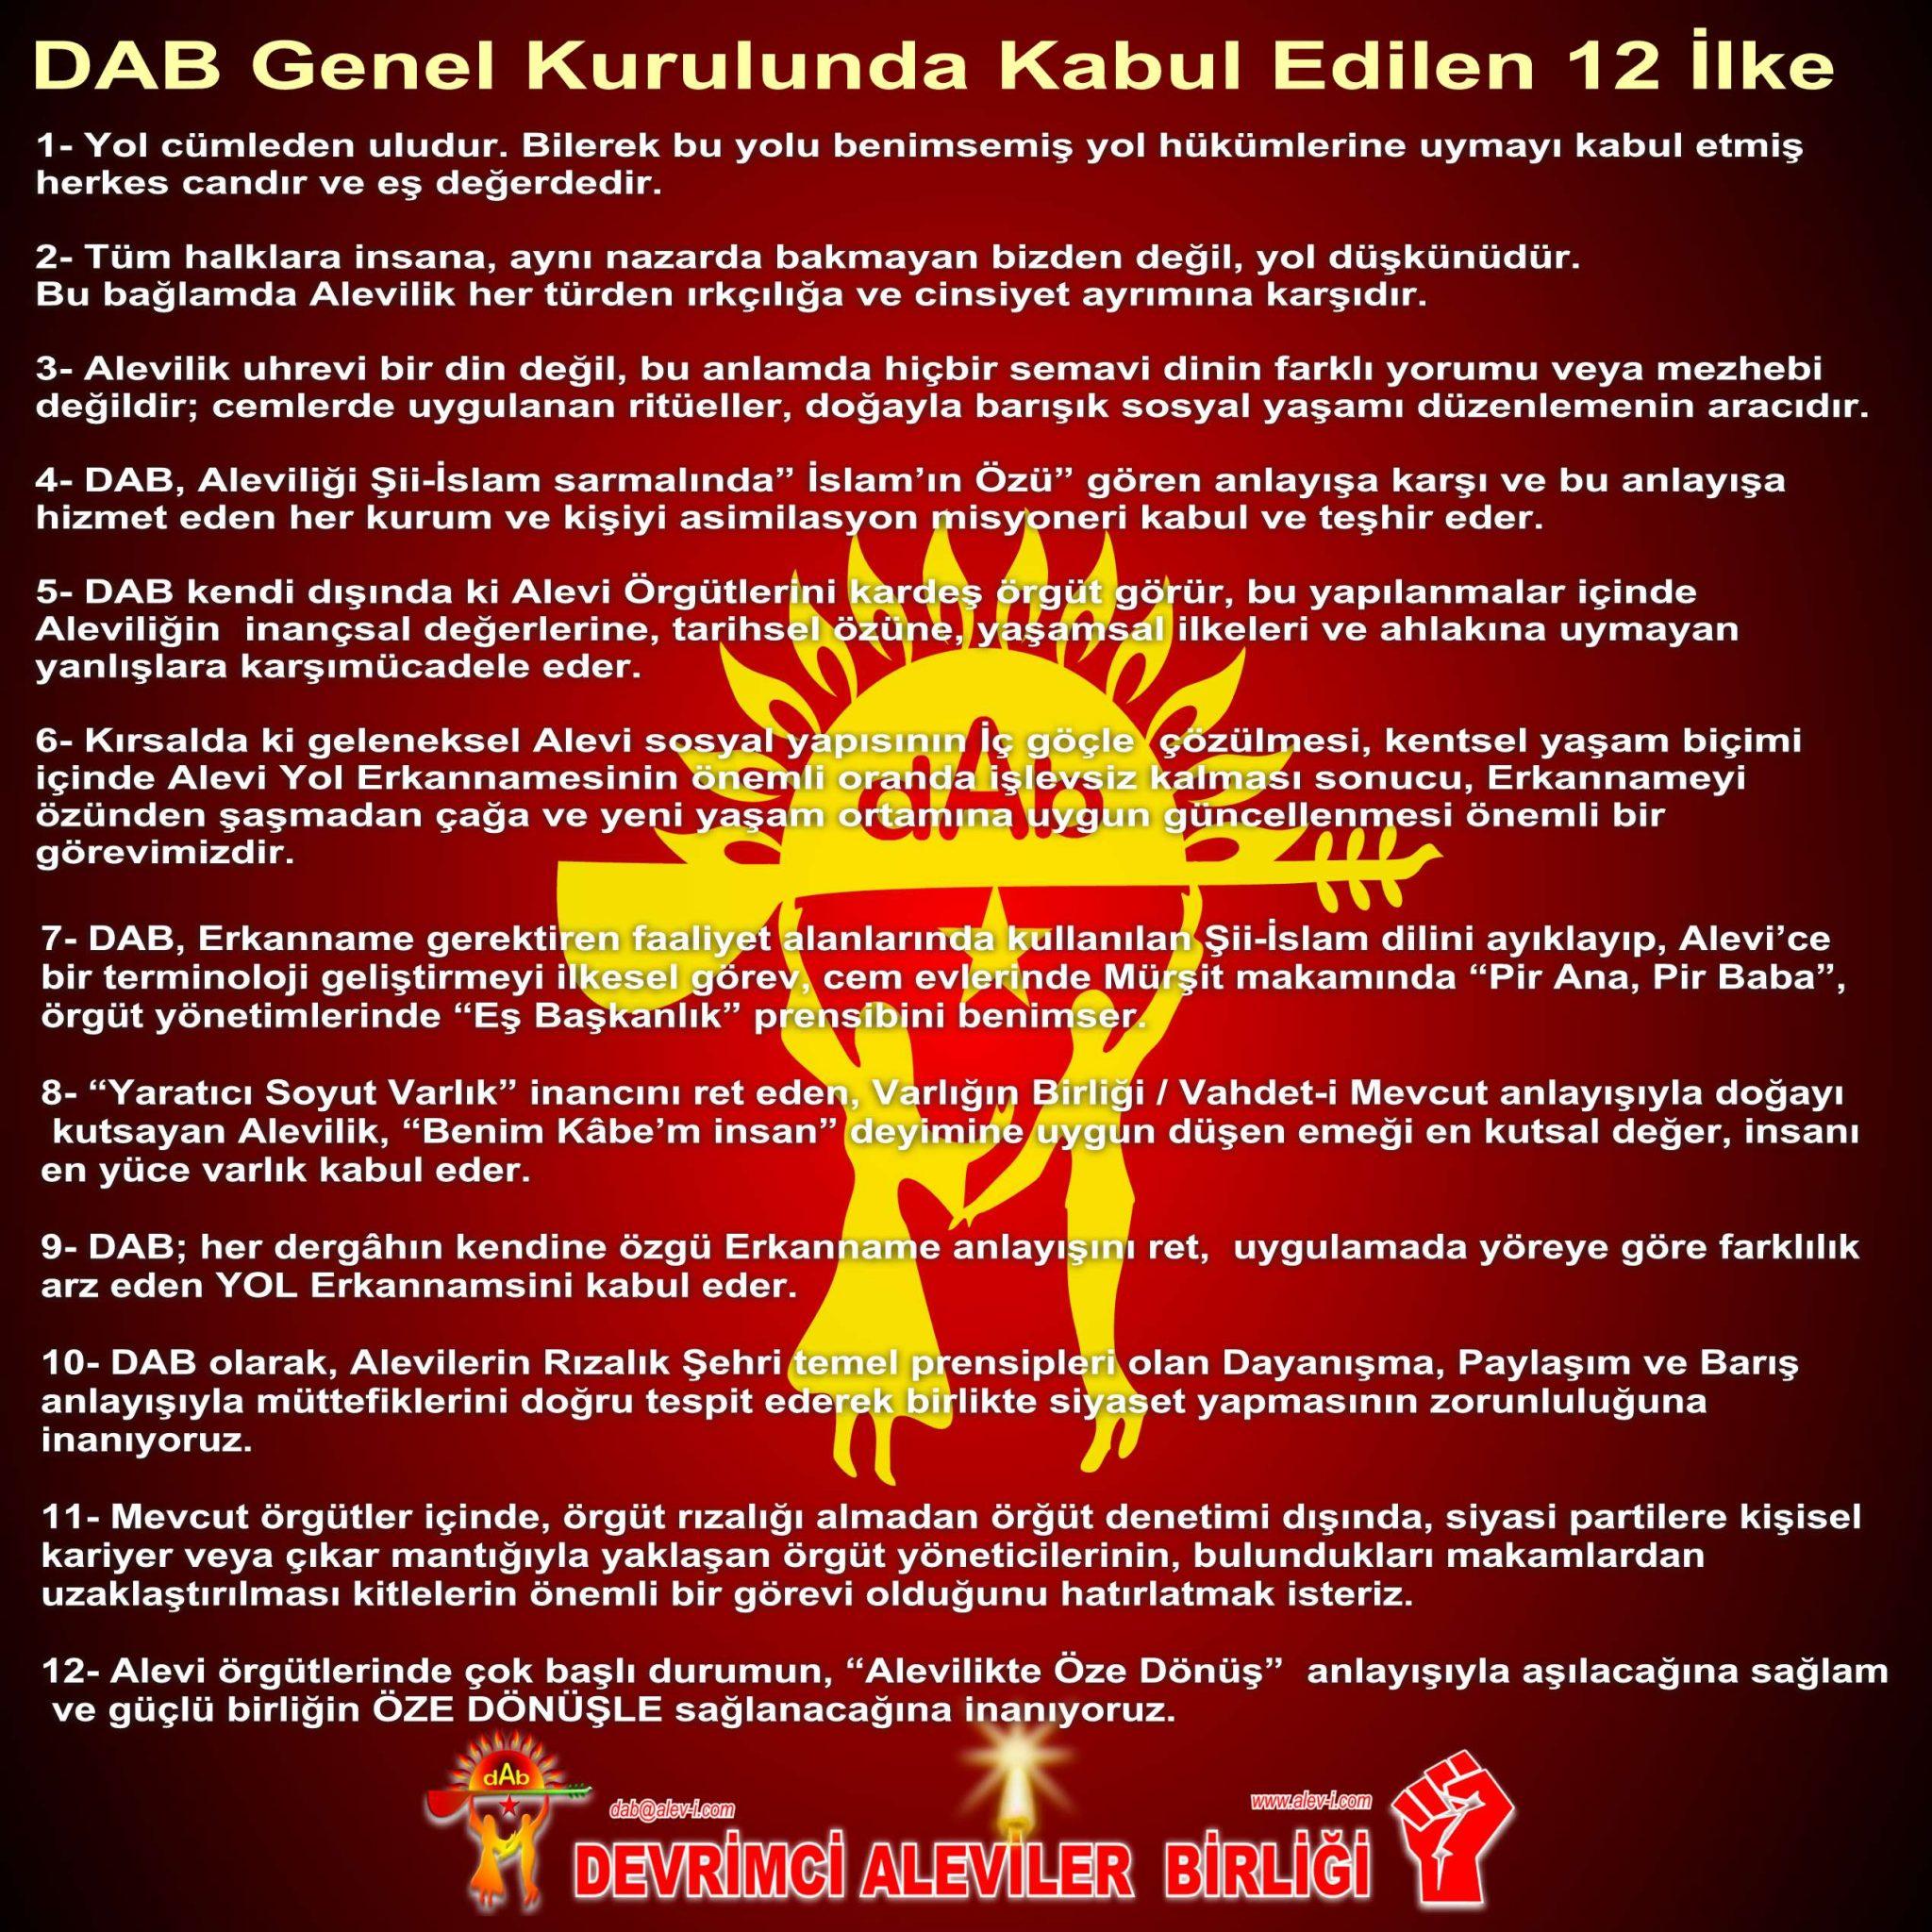 dab-genel-kuru-12-ilke-devdimci-aleviler-birlgi-kizilbas-bektasi-cemevi-pir-sultan